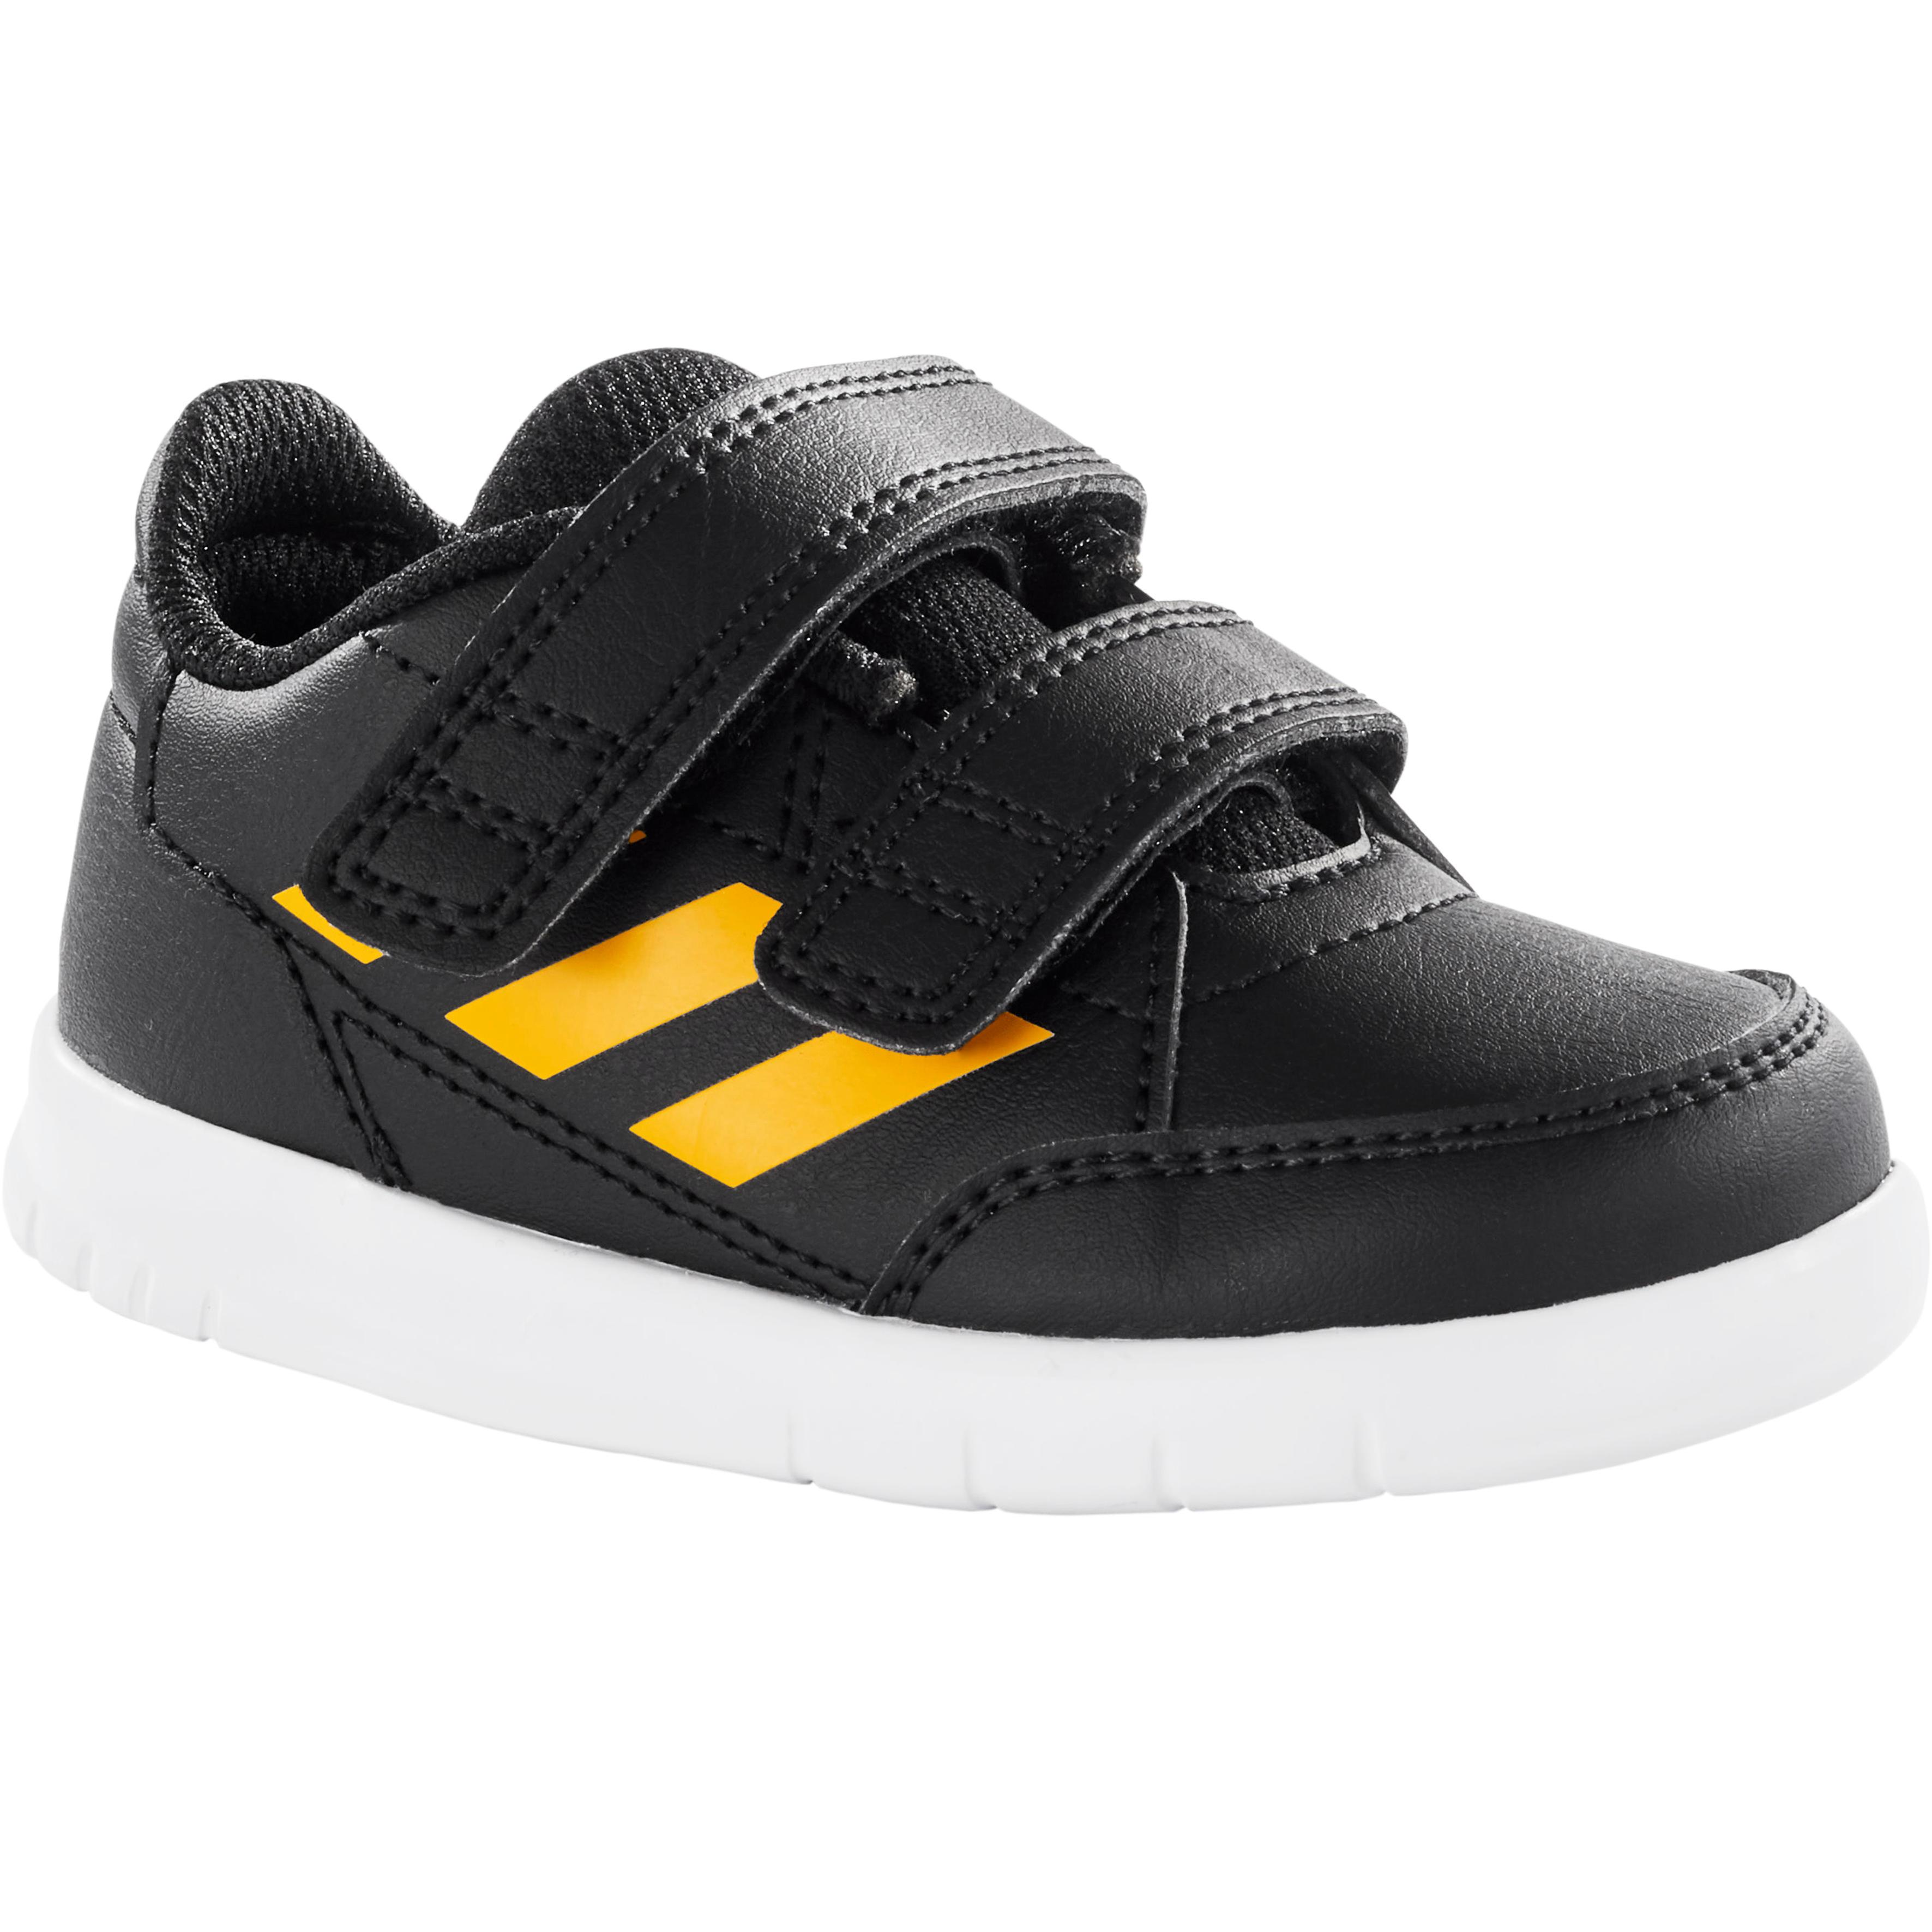 Cañón Ortodoxo club  Free delivery - zapatillas adidas numero 23 - OFF64% -  vigilanteyesecurityservice.com!